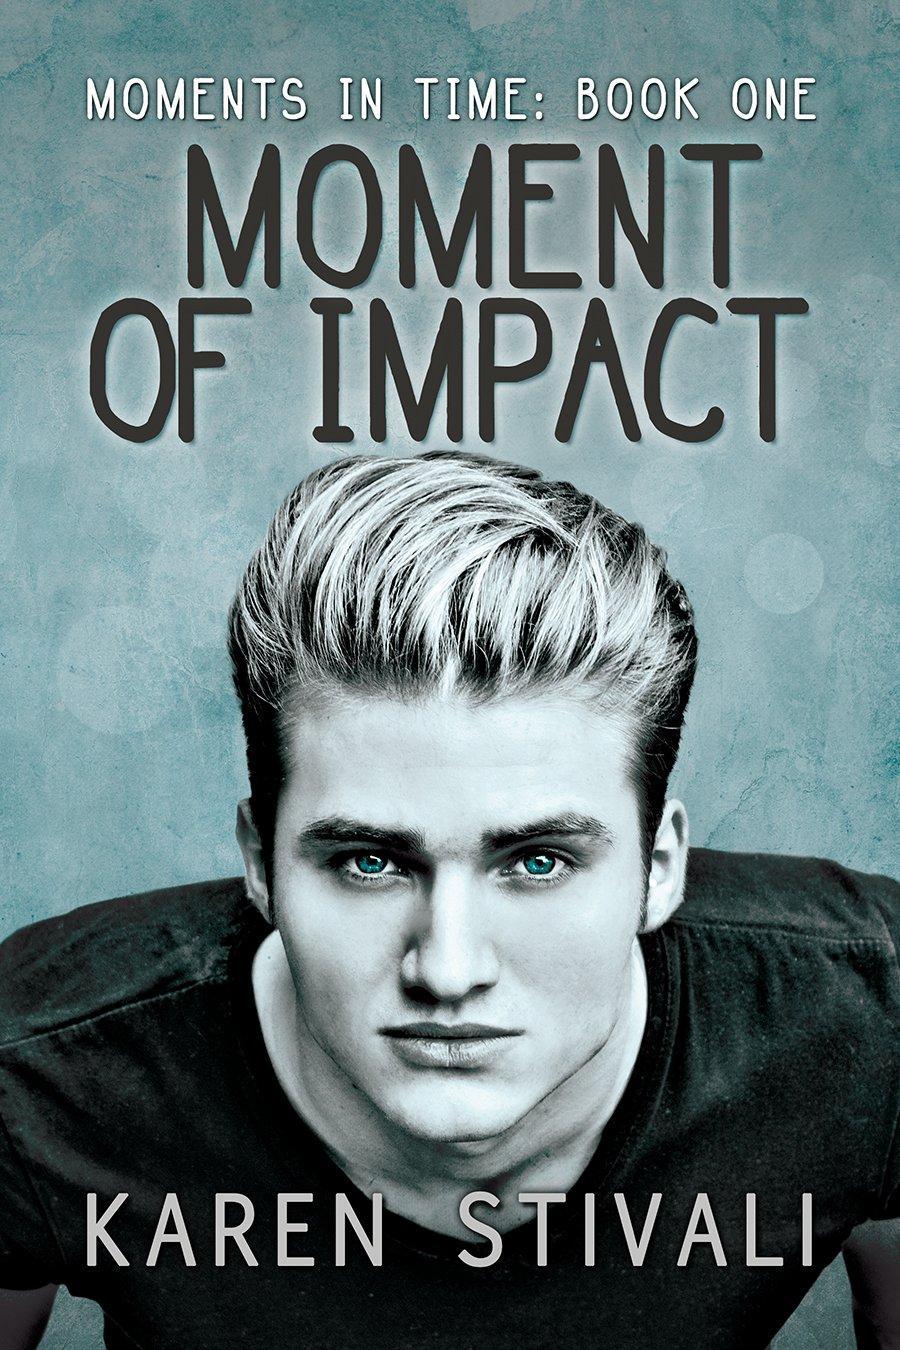 Moment of Impact – Karen Stivali – 5 stars